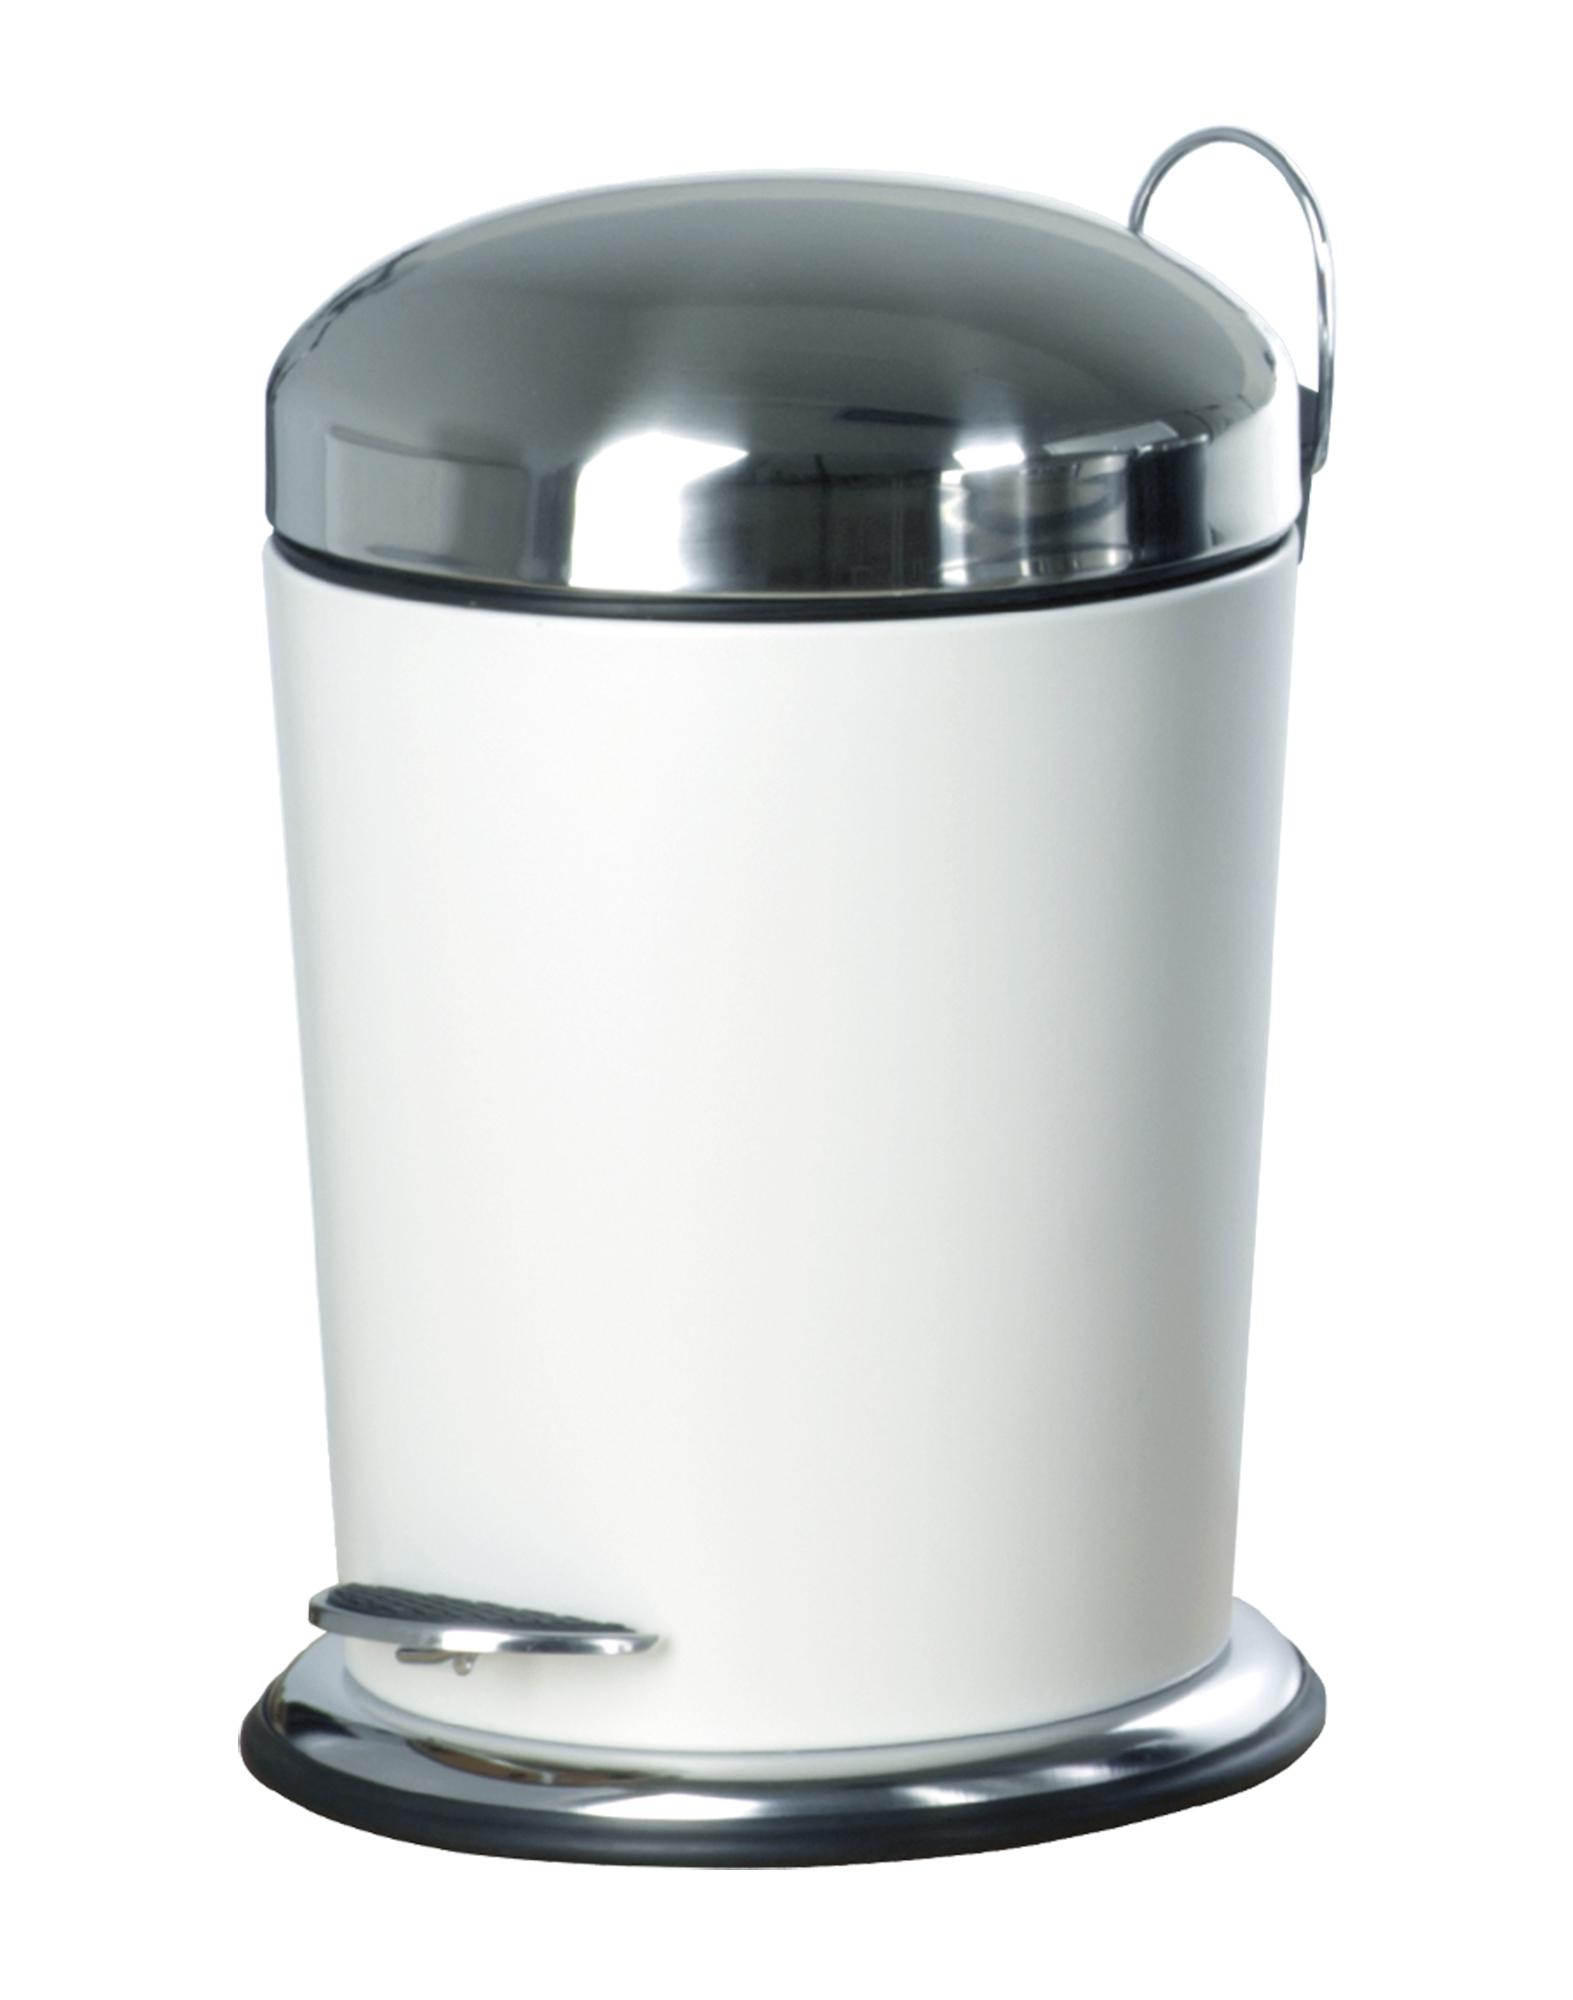 Nicol 1466026 Treteimer Sven Weiss Pulverbeschichtet Bad Abfalleimer 5 Liter Kosmetikeimer Mit Anti Flecken Beschichtung